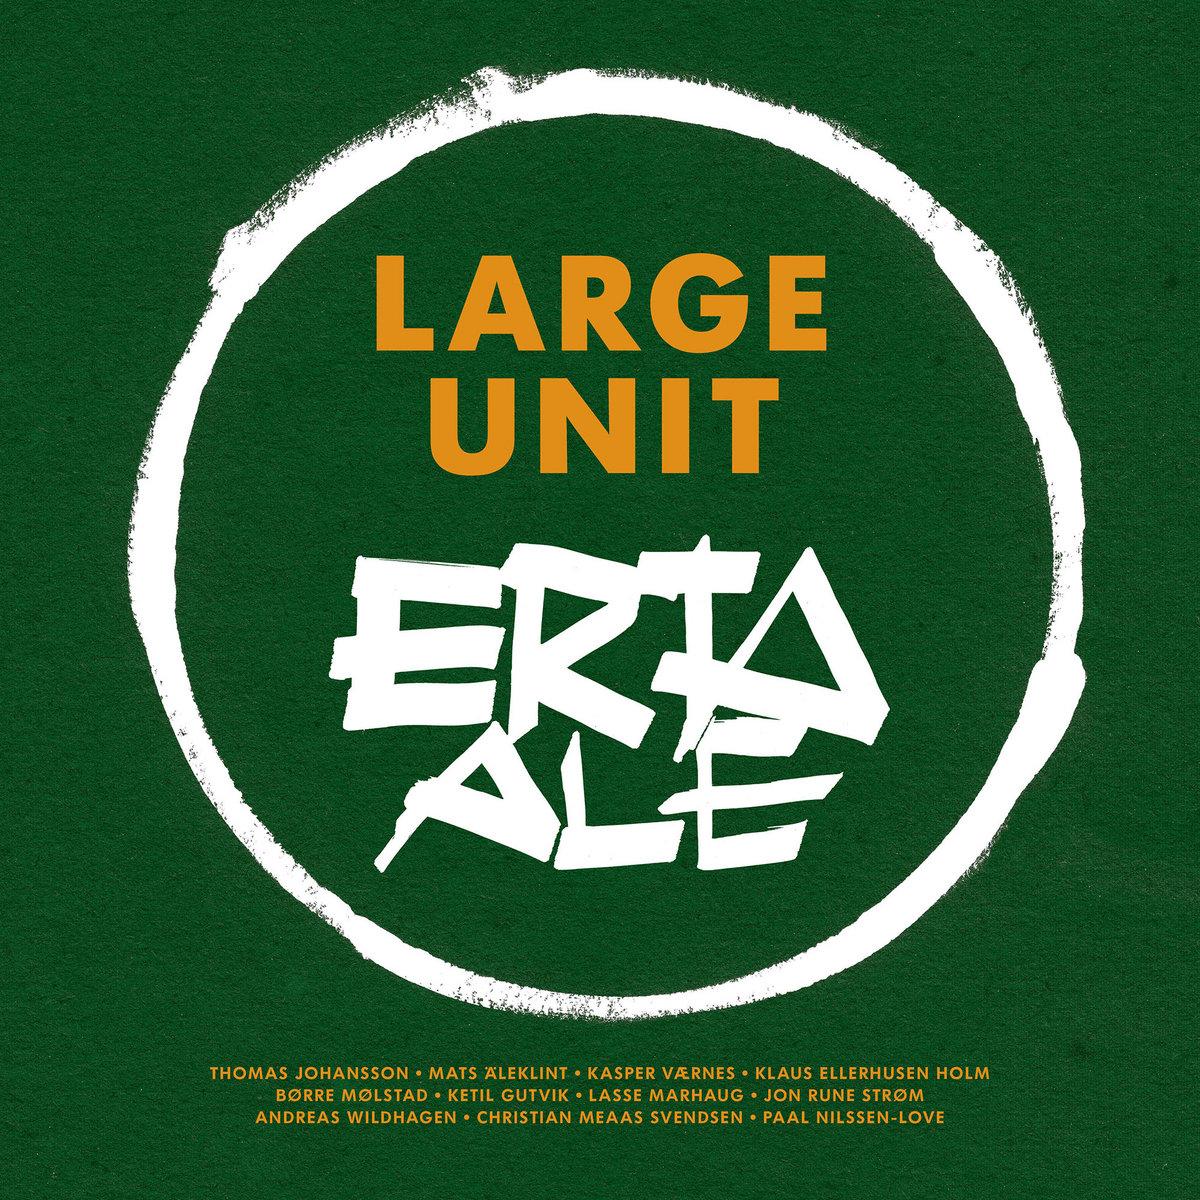 Image result for large unit erta ale